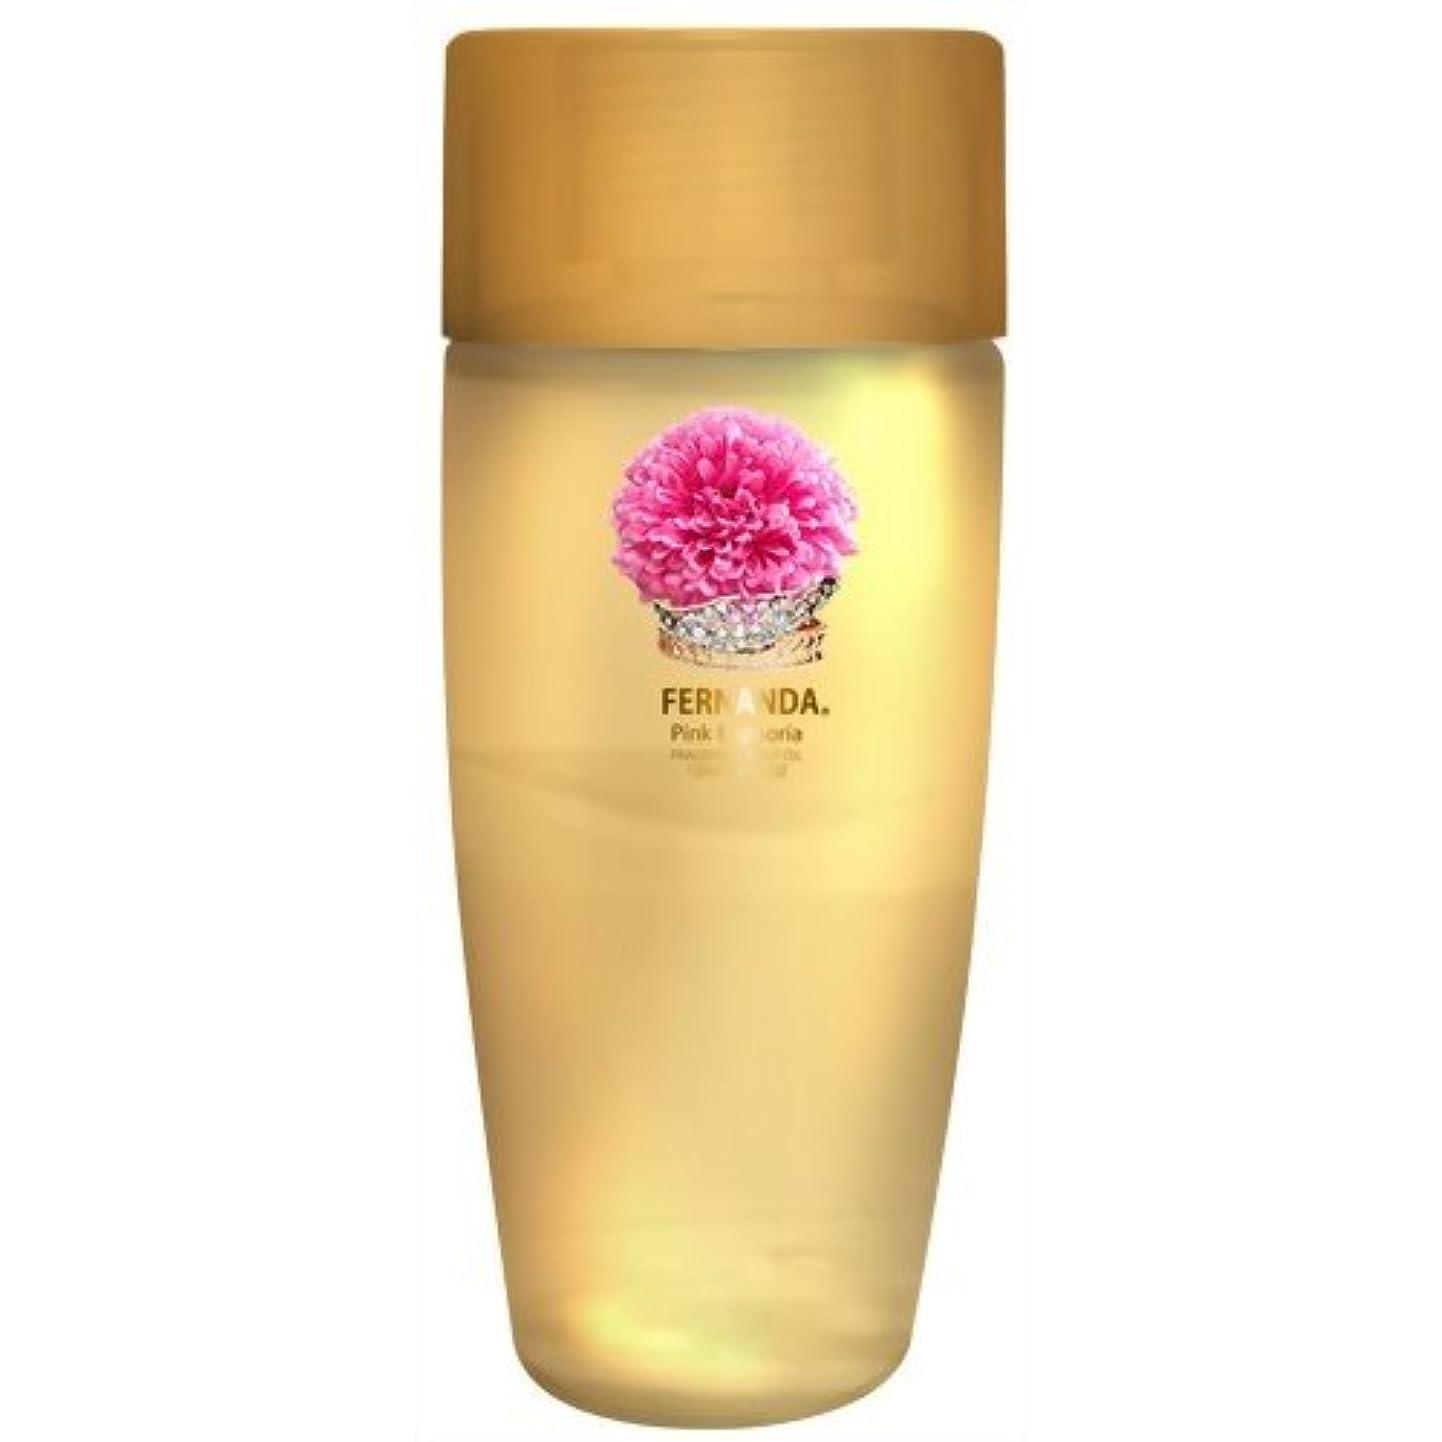 確かに鷹ポジティブFERNANDA(フェルナンダ) Body Oil Pink Euphoria (ボディ オイル ピンクエウフォリア)